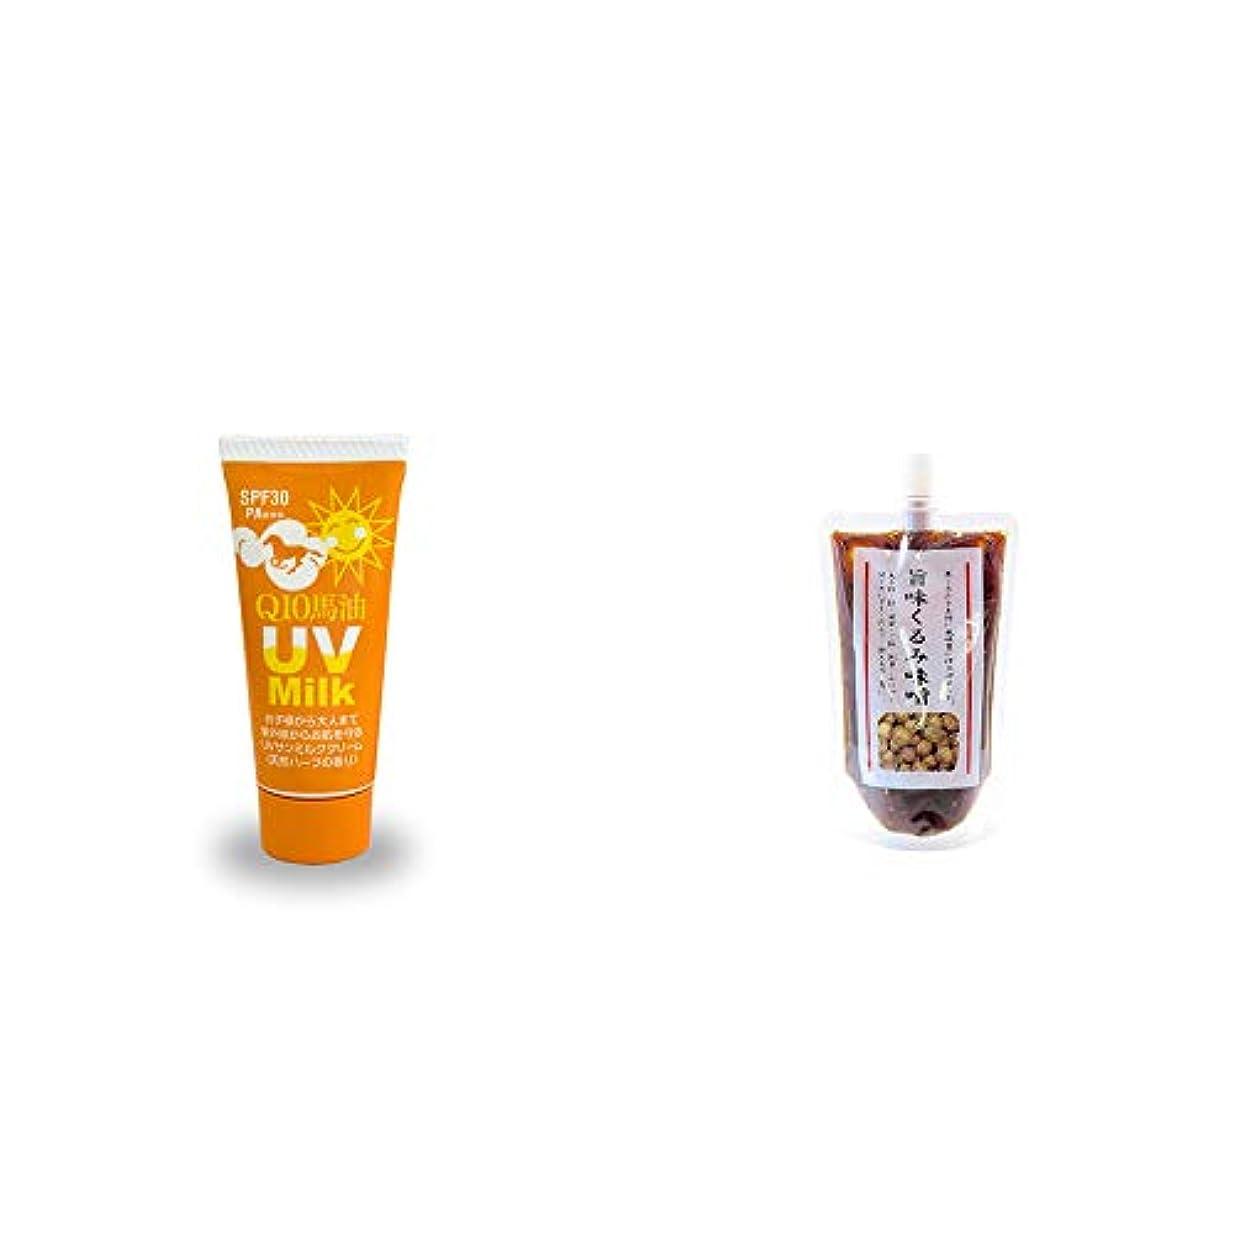 フレッシュピッチャー秘書[2点セット] 炭黒泉 Q10馬油 UVサンミルク[天然ハーブ](40g)?旨味くるみ味噌(260g)